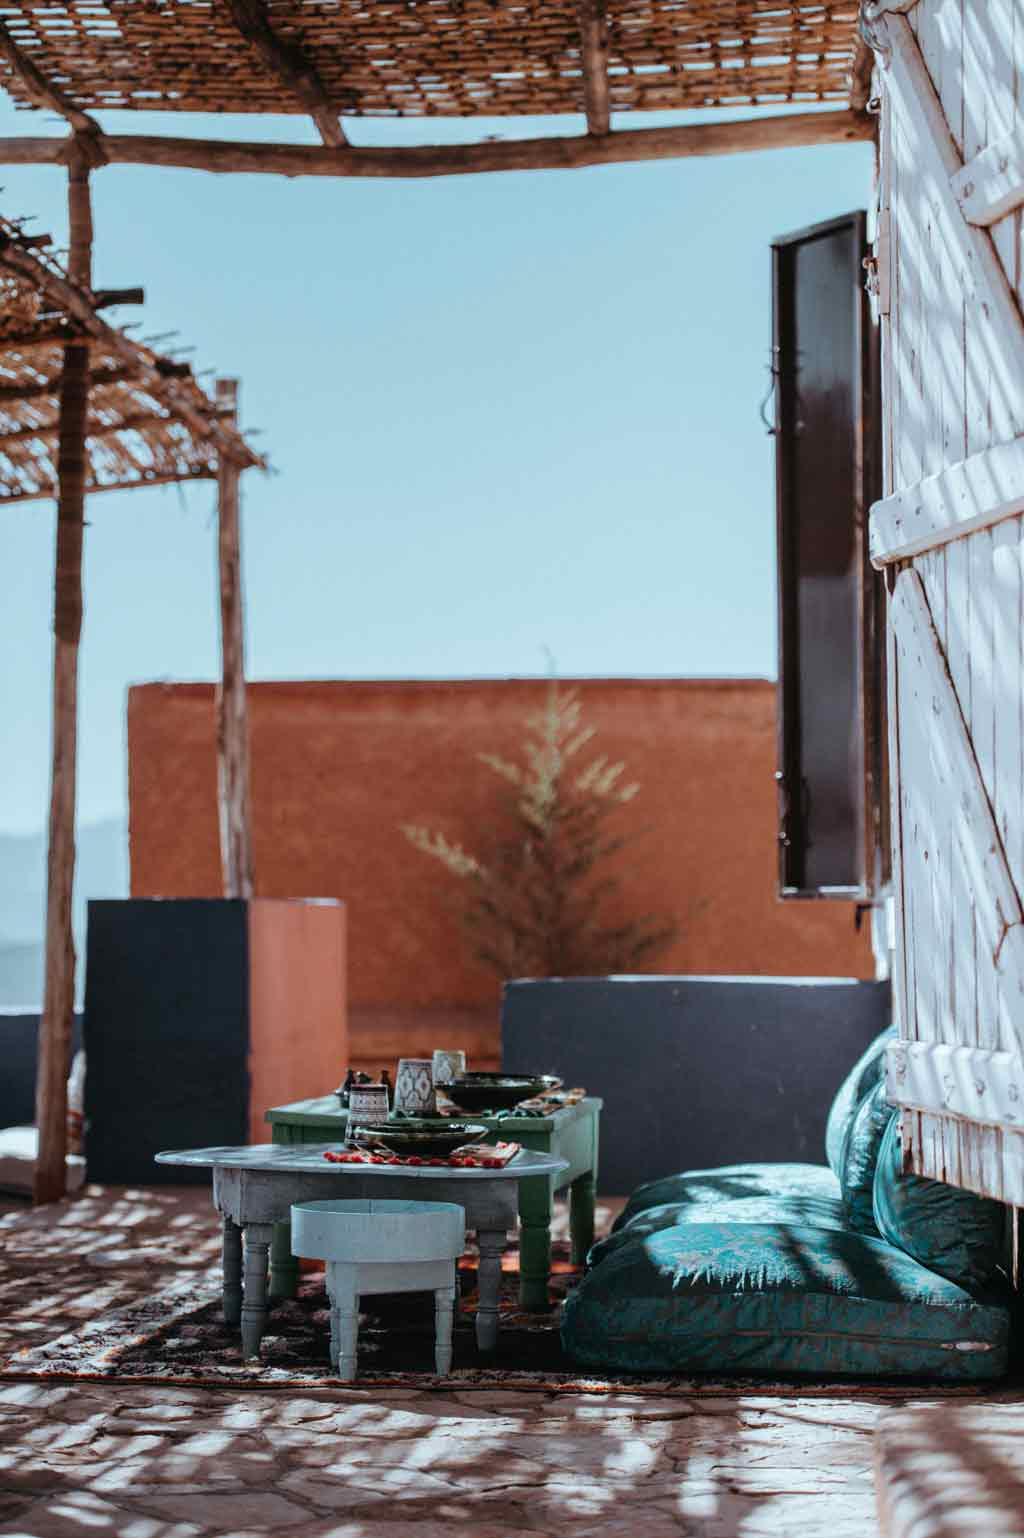 2-Wochen-Reiseroute auf eigene Faust - Dachterasse Marrakesch